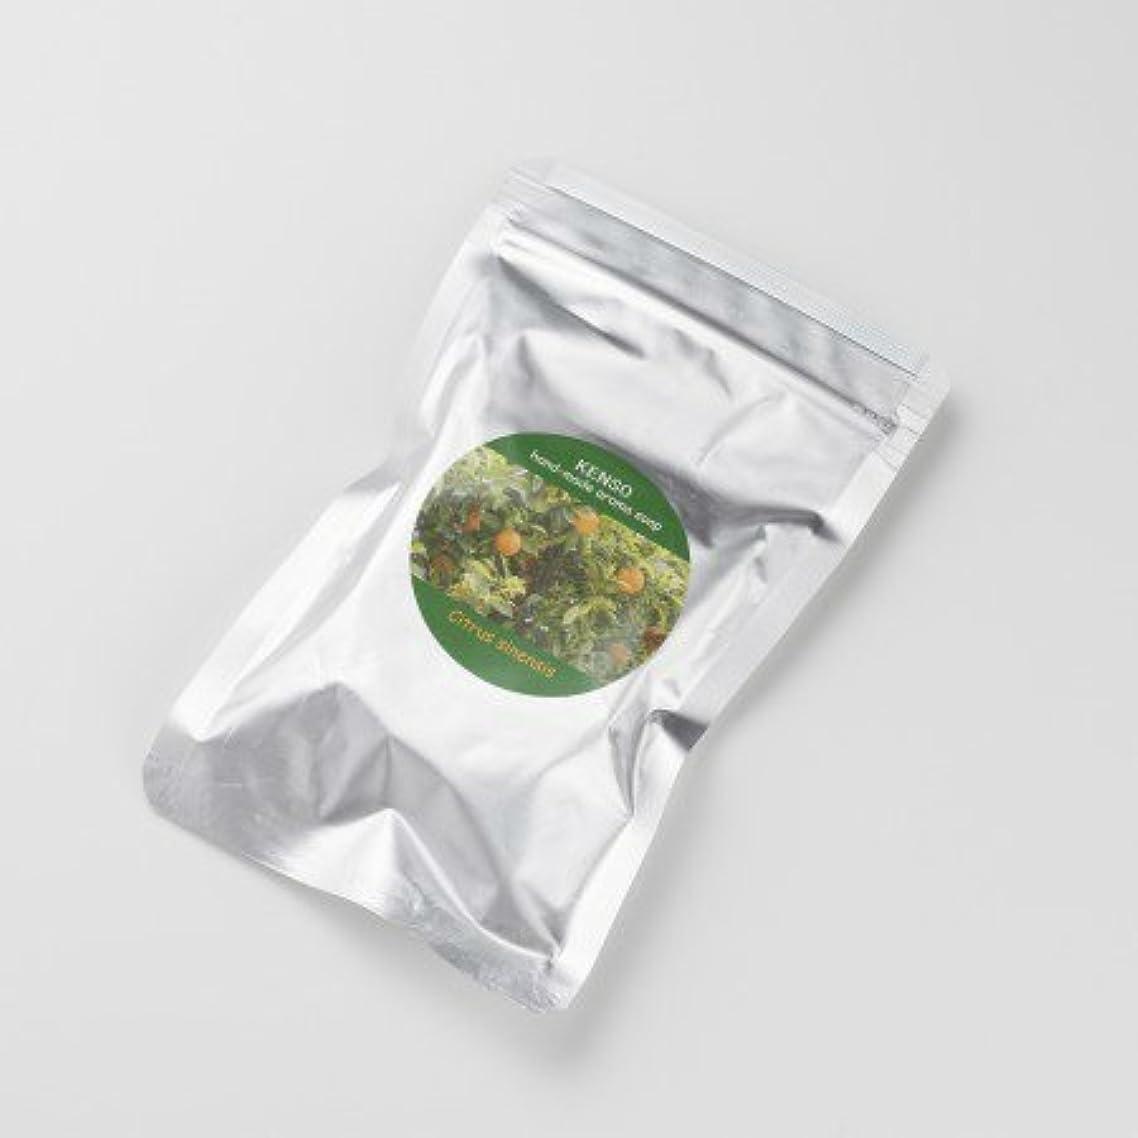 周囲勤勉な割り込みケンソー アロマグリセリンソープ オレンジソープ 石鹸 50g